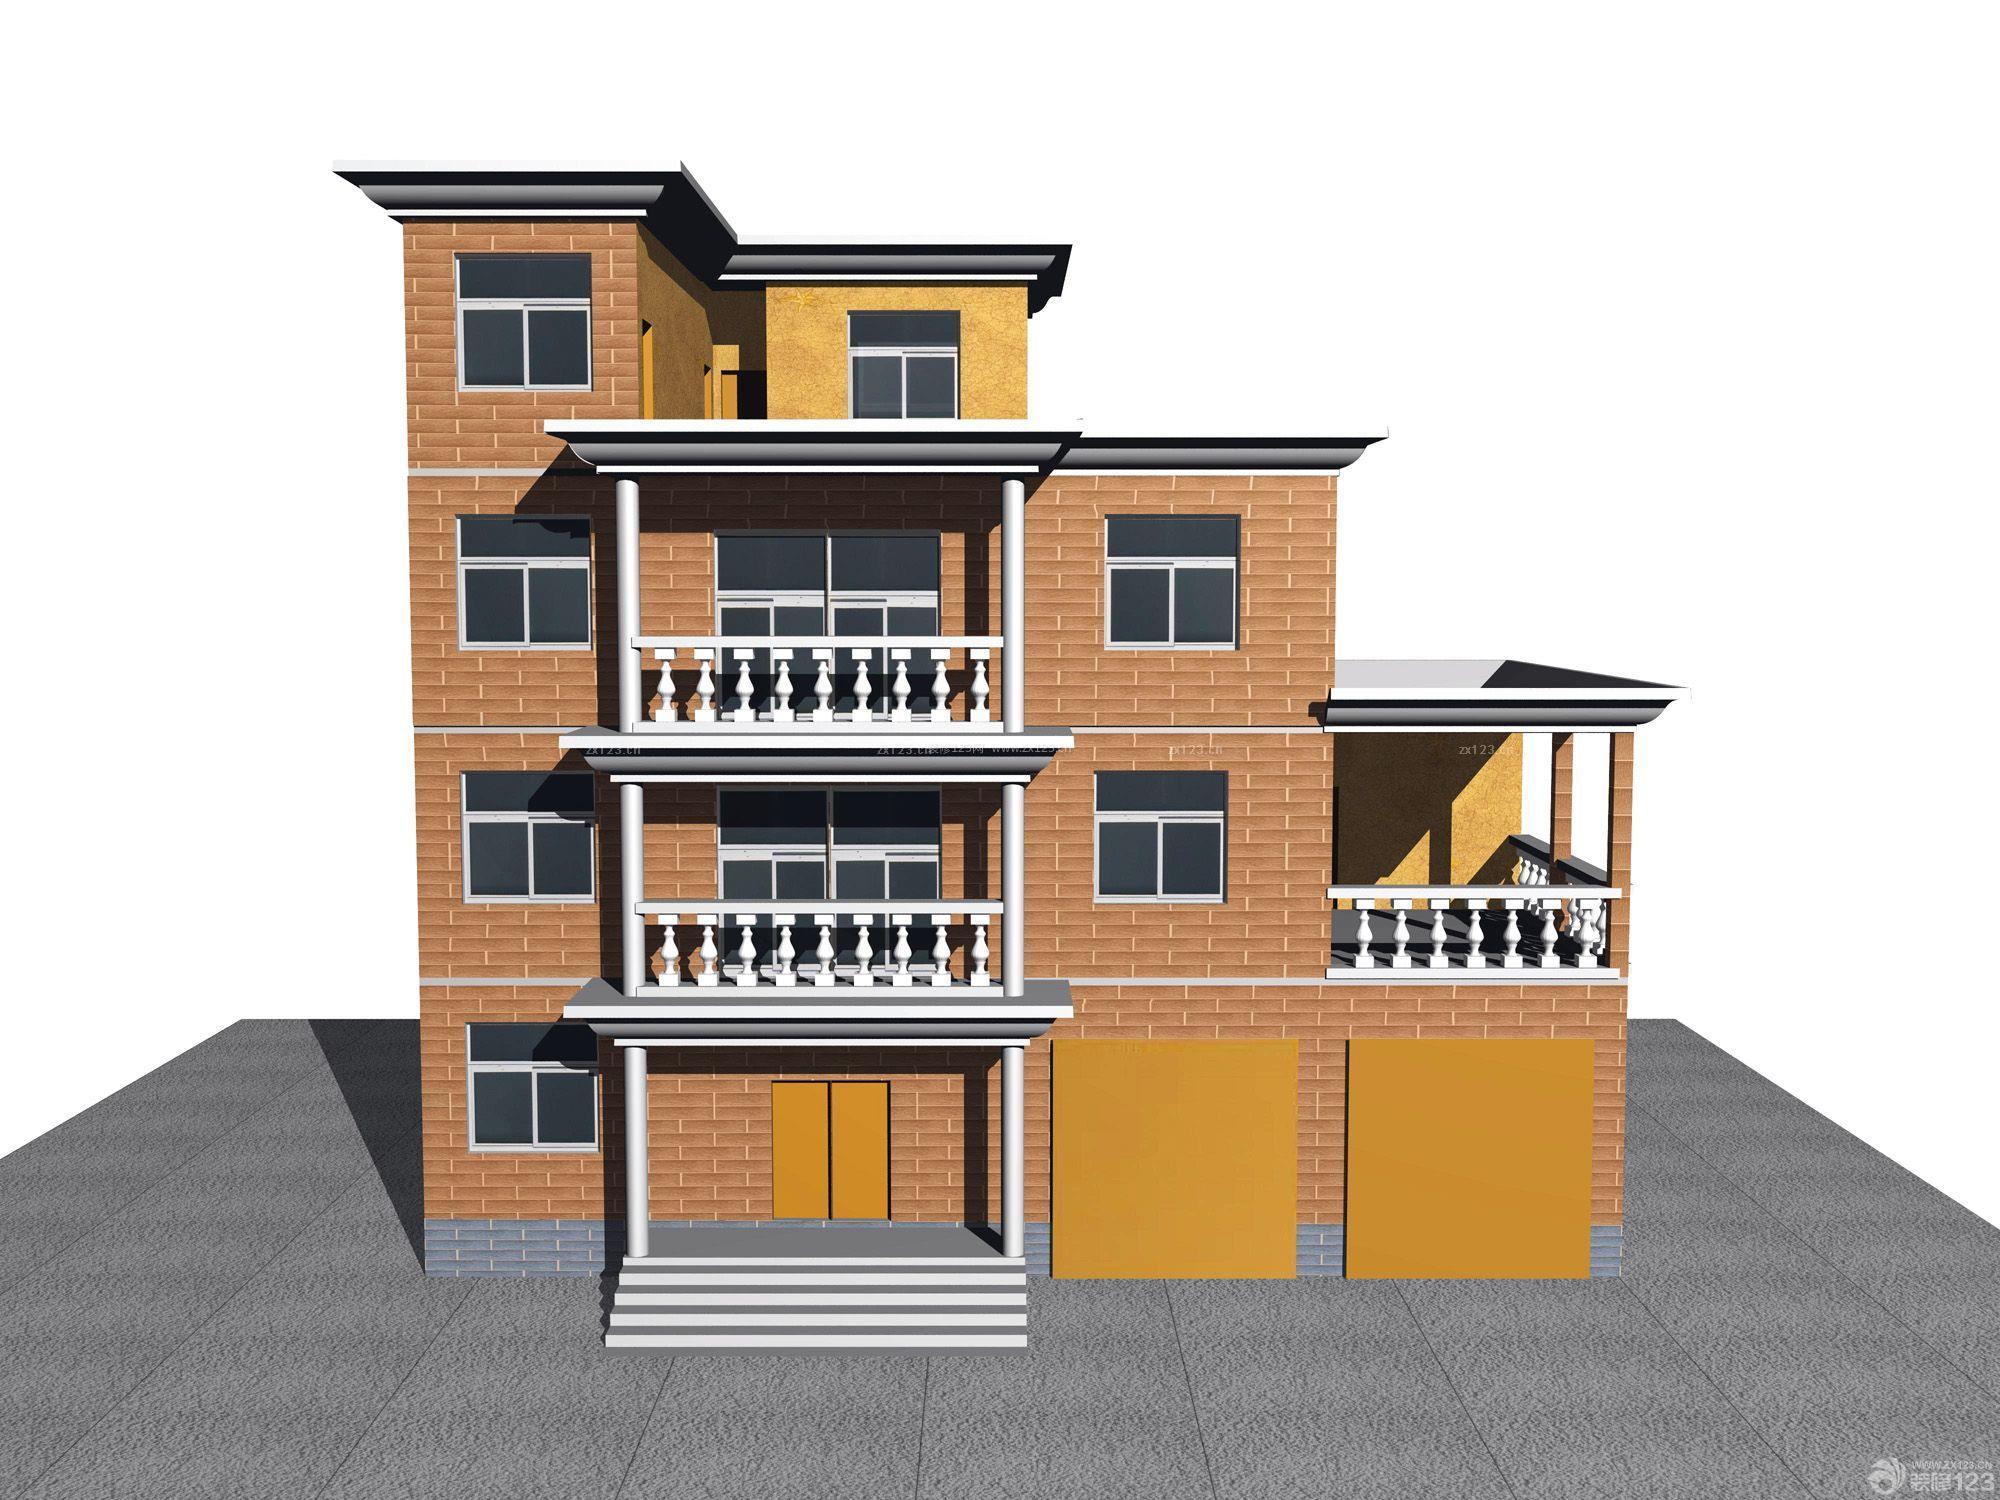 欧式北方农村房屋外观设计图